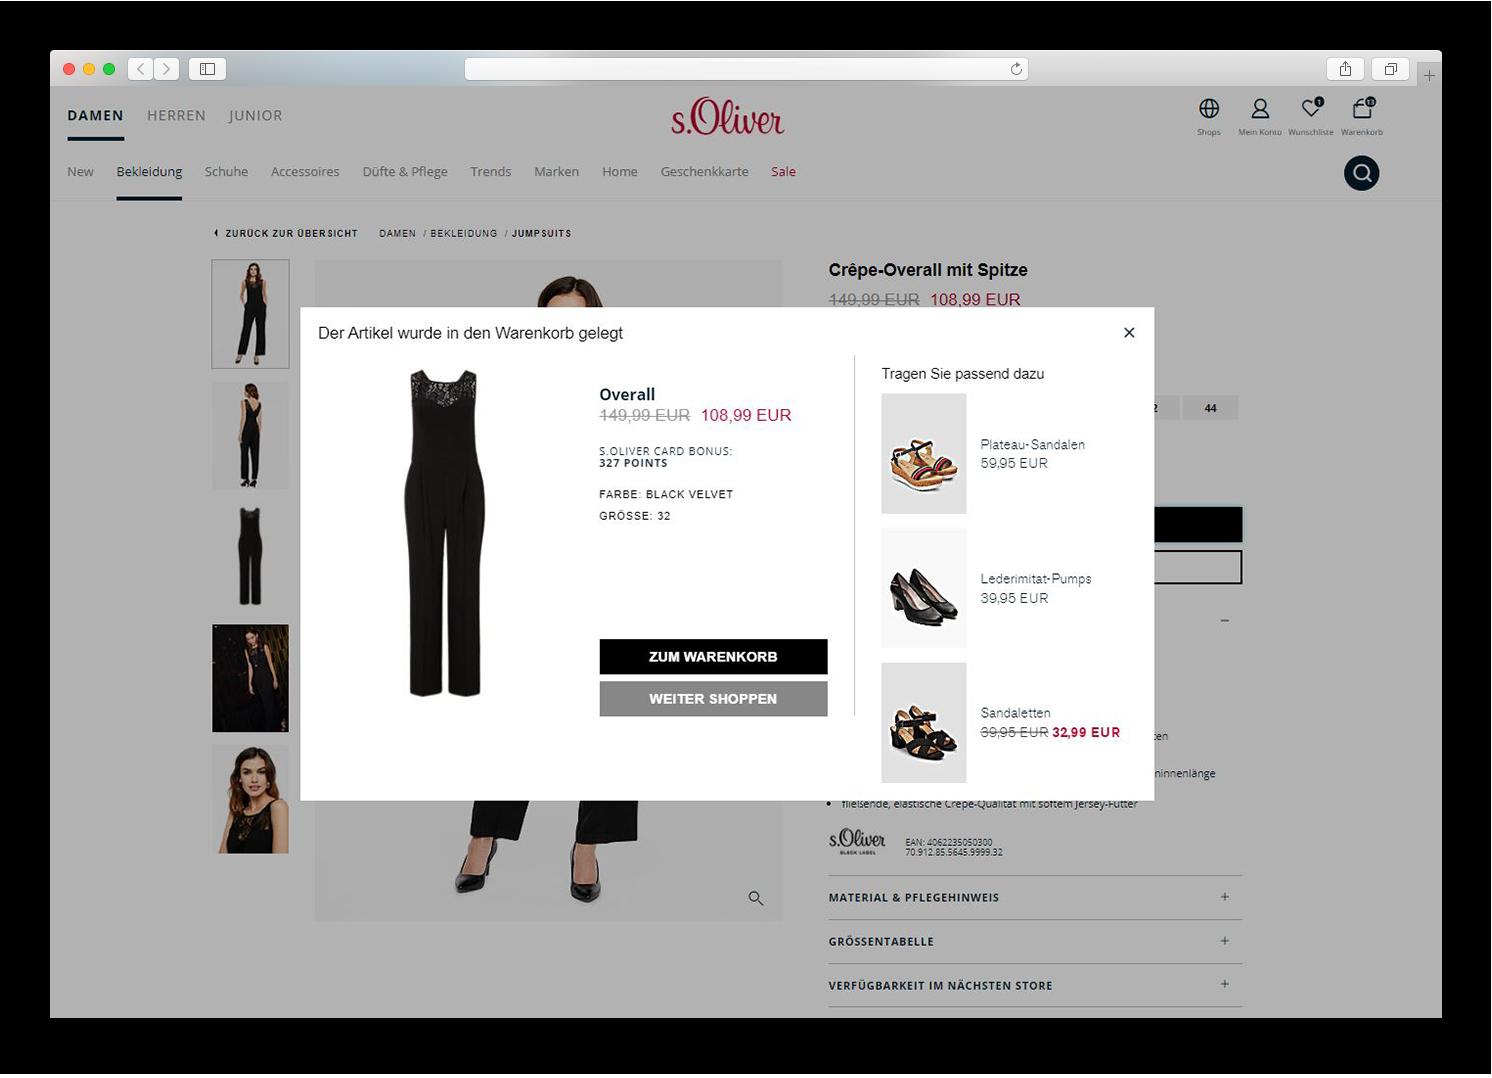 sOliver-produktempfehlungen-online-shop